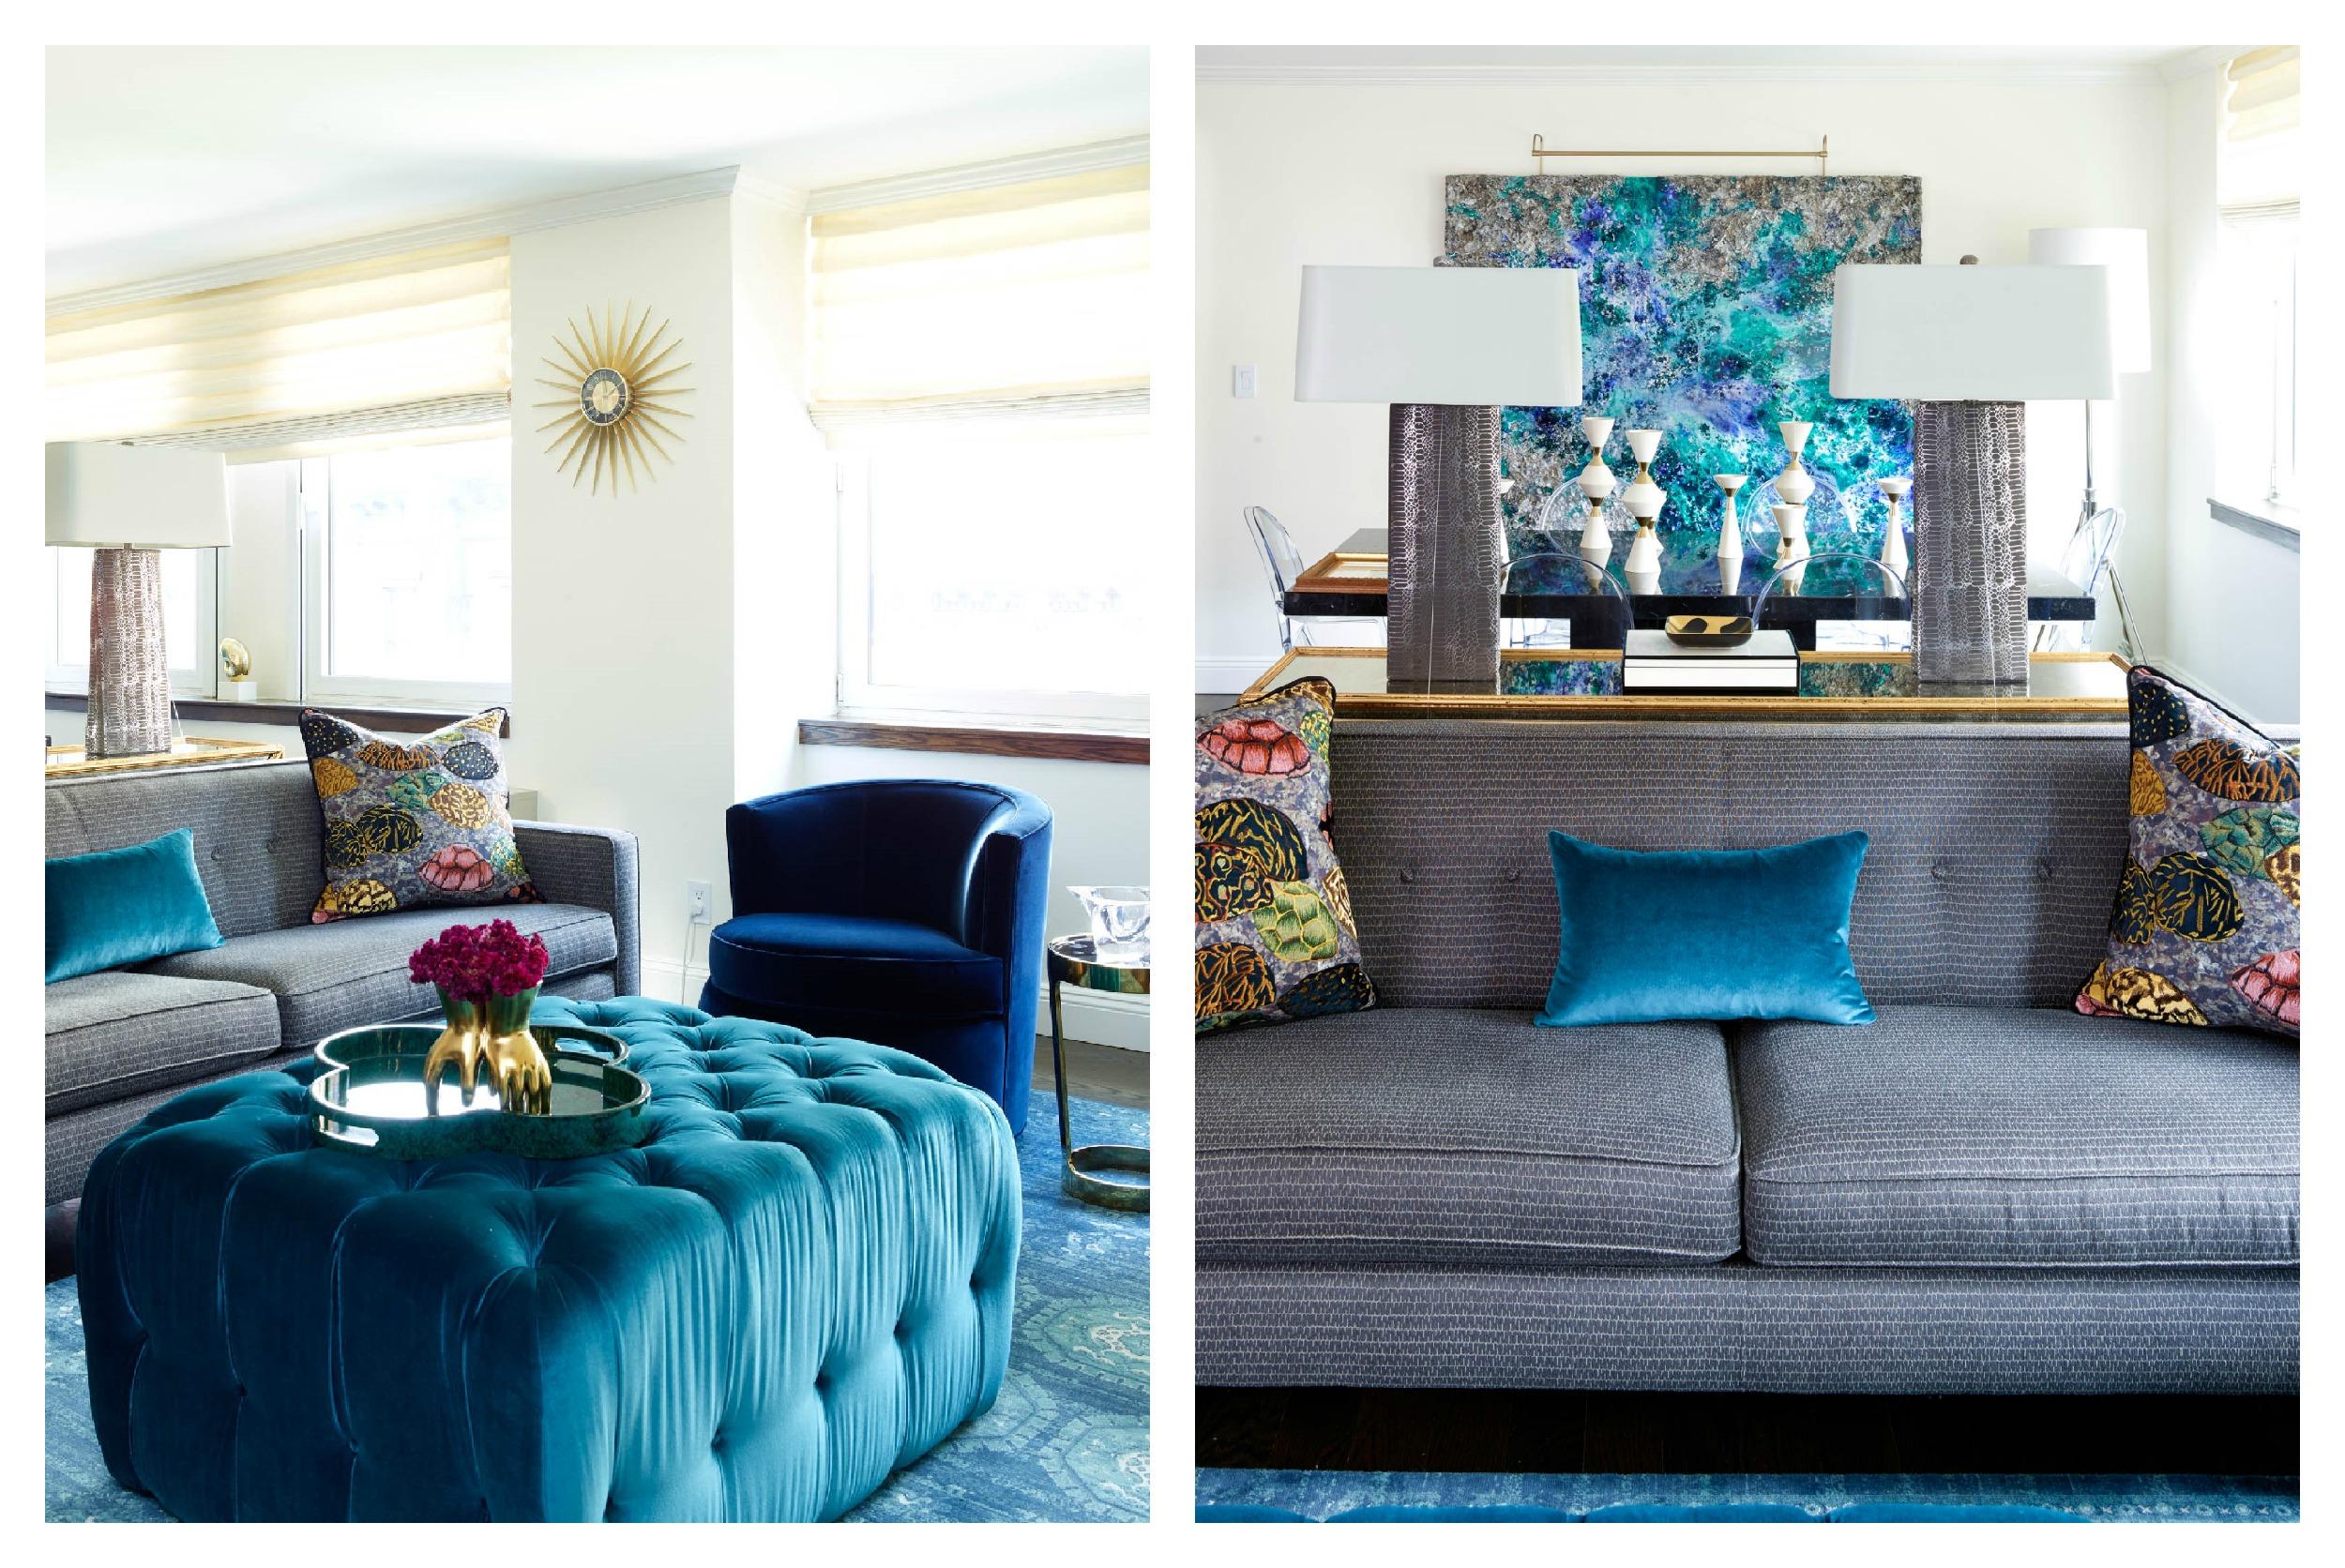 upper-east-side-living-room-2.jpg